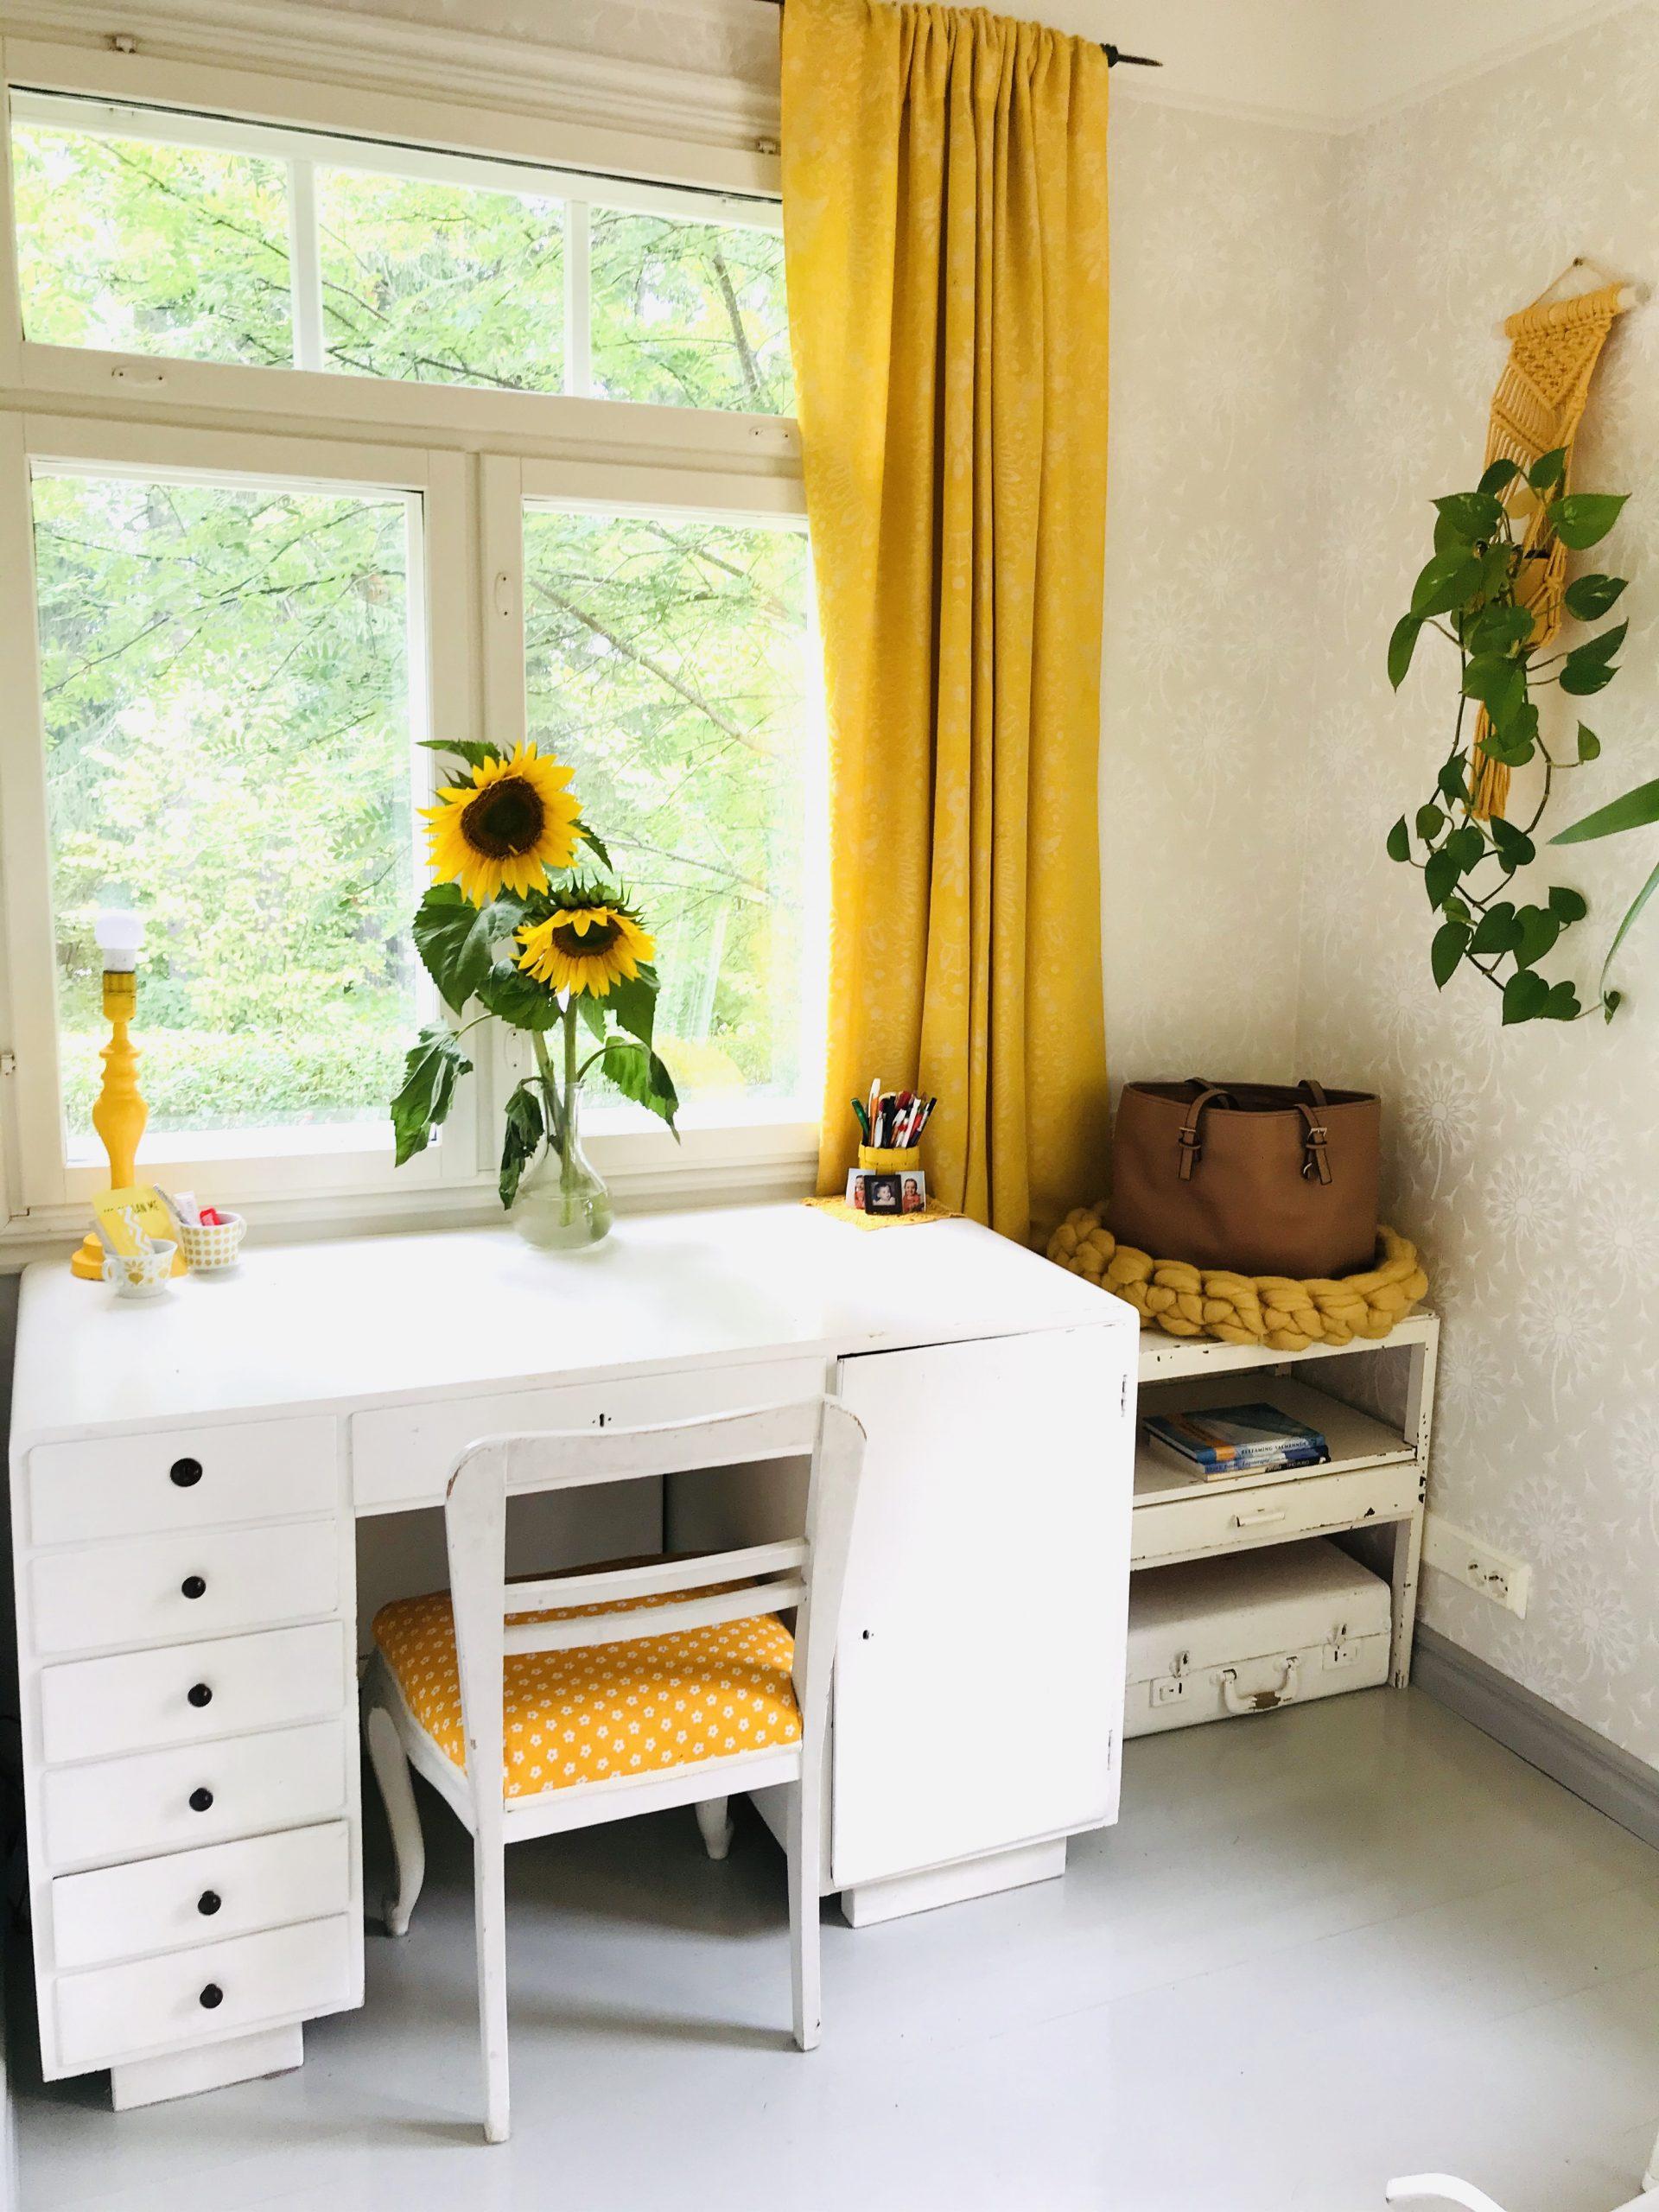 Elluyellow keltainen työhuone ja auringonkukat